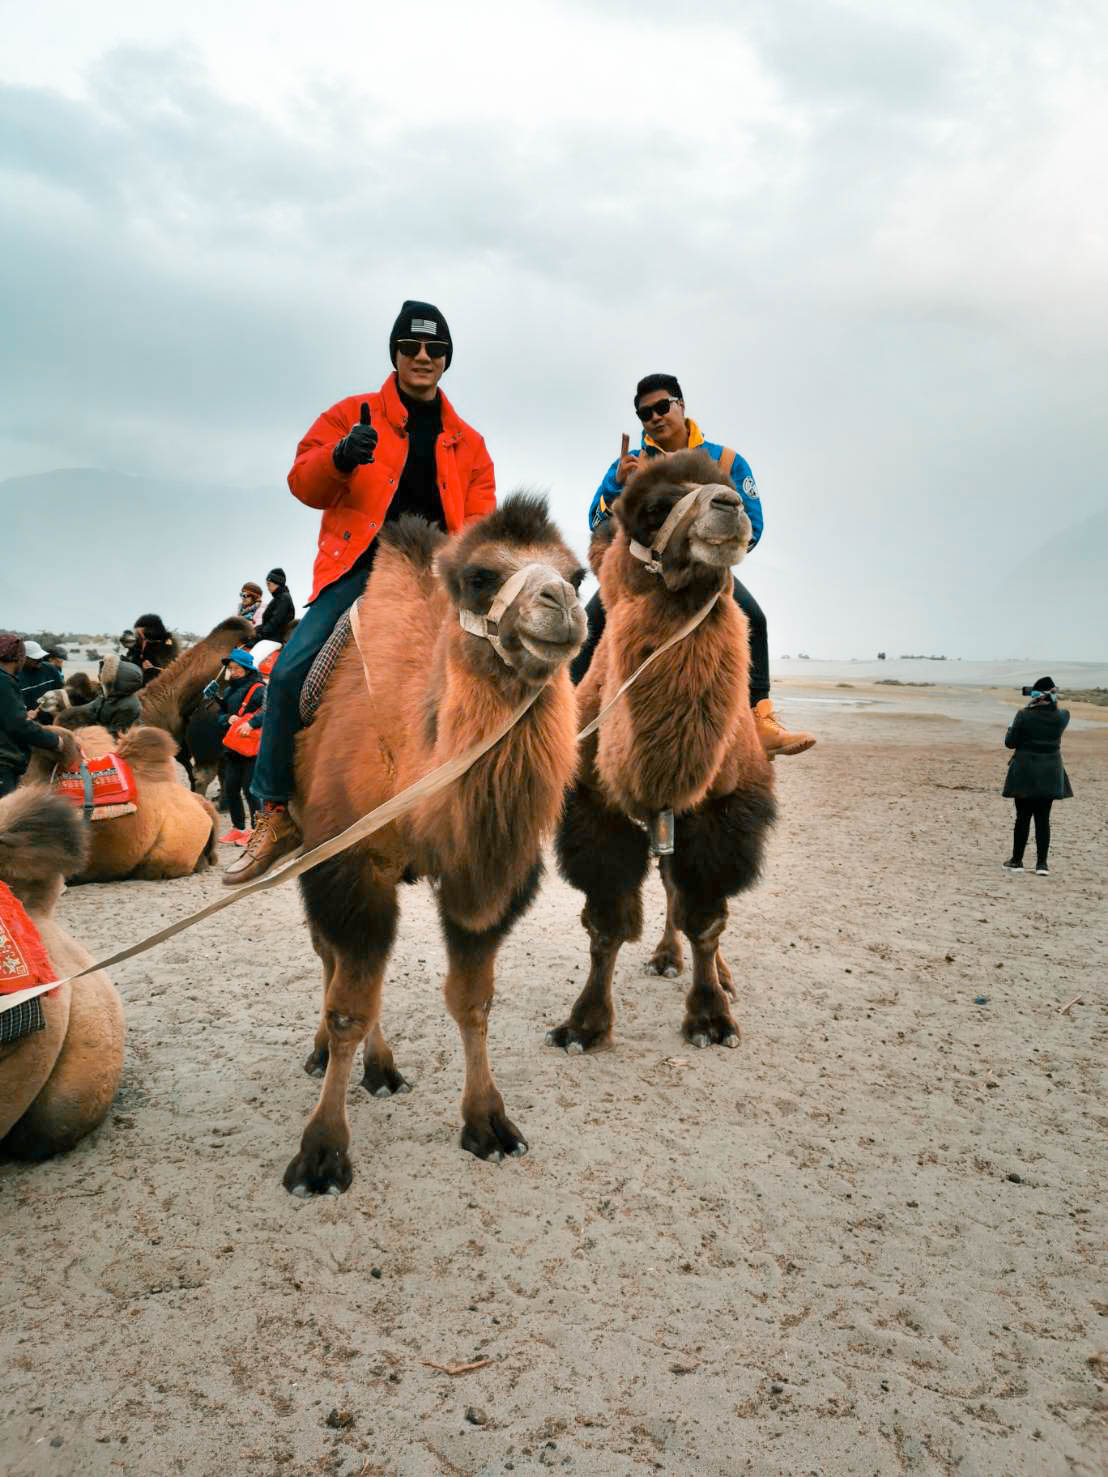 อูฐสองหนอก นูบร้าวัลเลย ทัวร์เลห์ ลาดักห์ เที่ยวเลห์ ลาดักห์ Leh Ladakh Tour leh ladakh